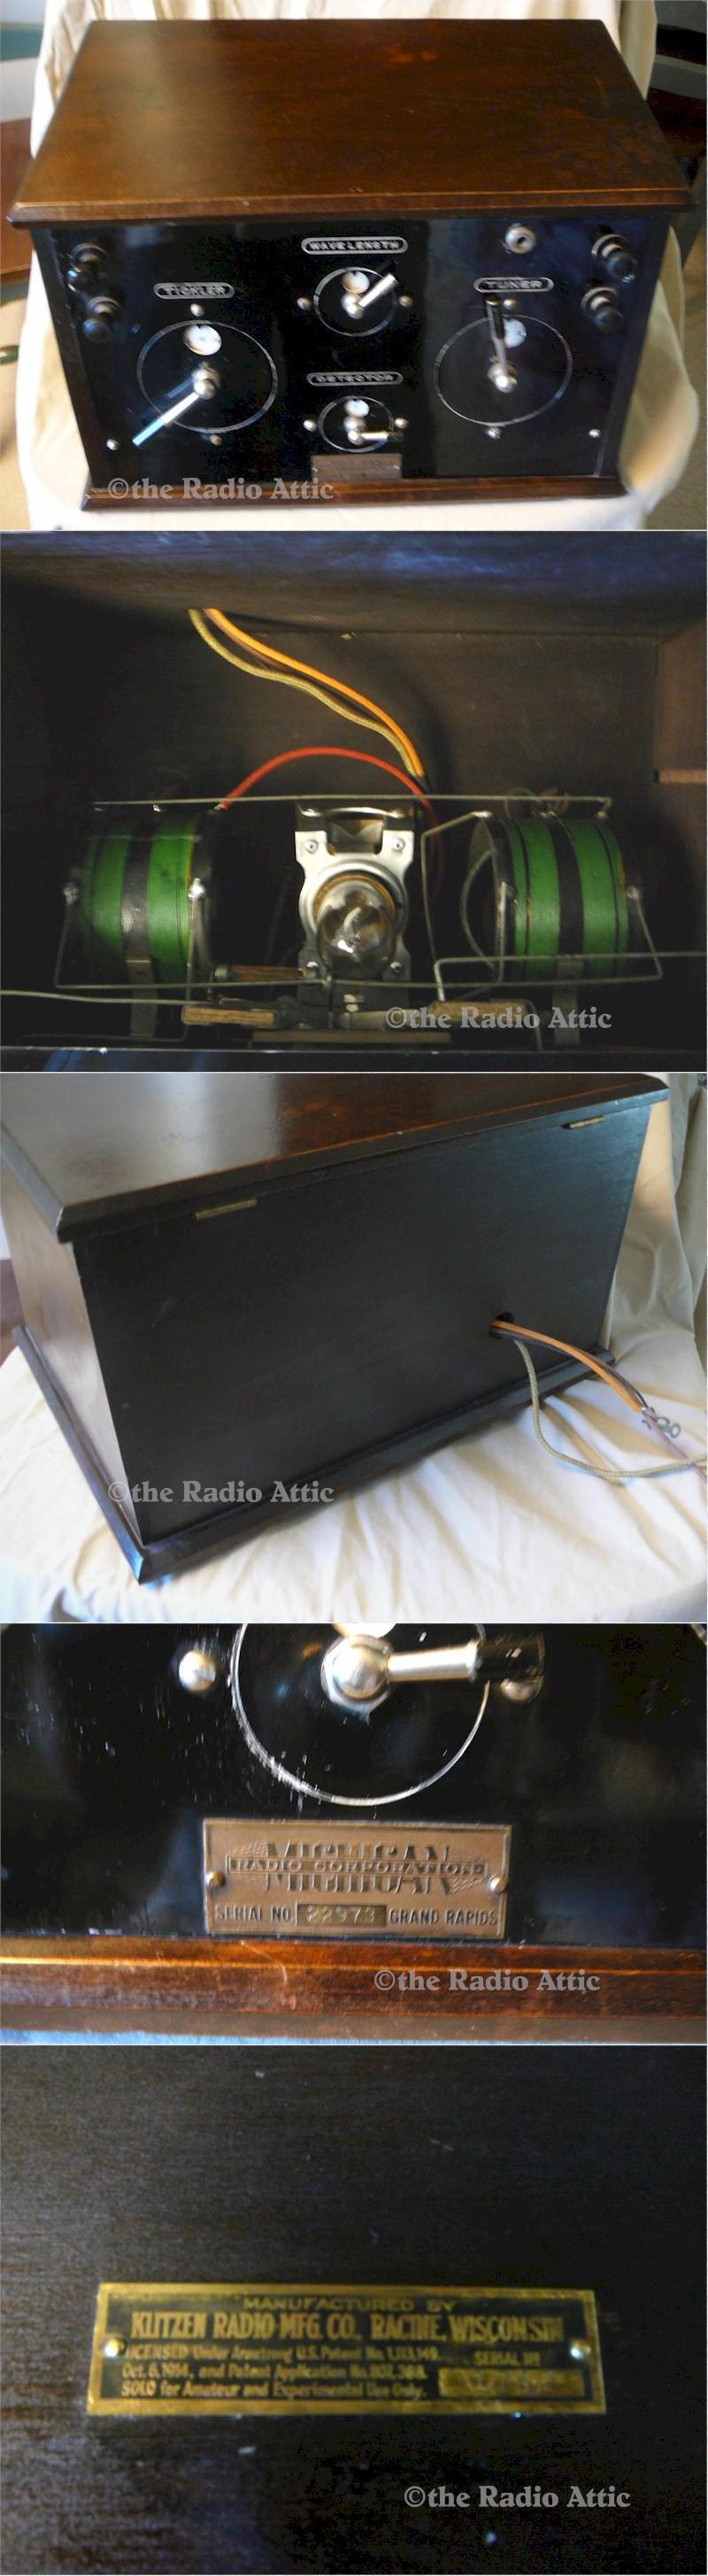 Michigan M-10 DC Radio (1923) - SOLD! - item number 1400083